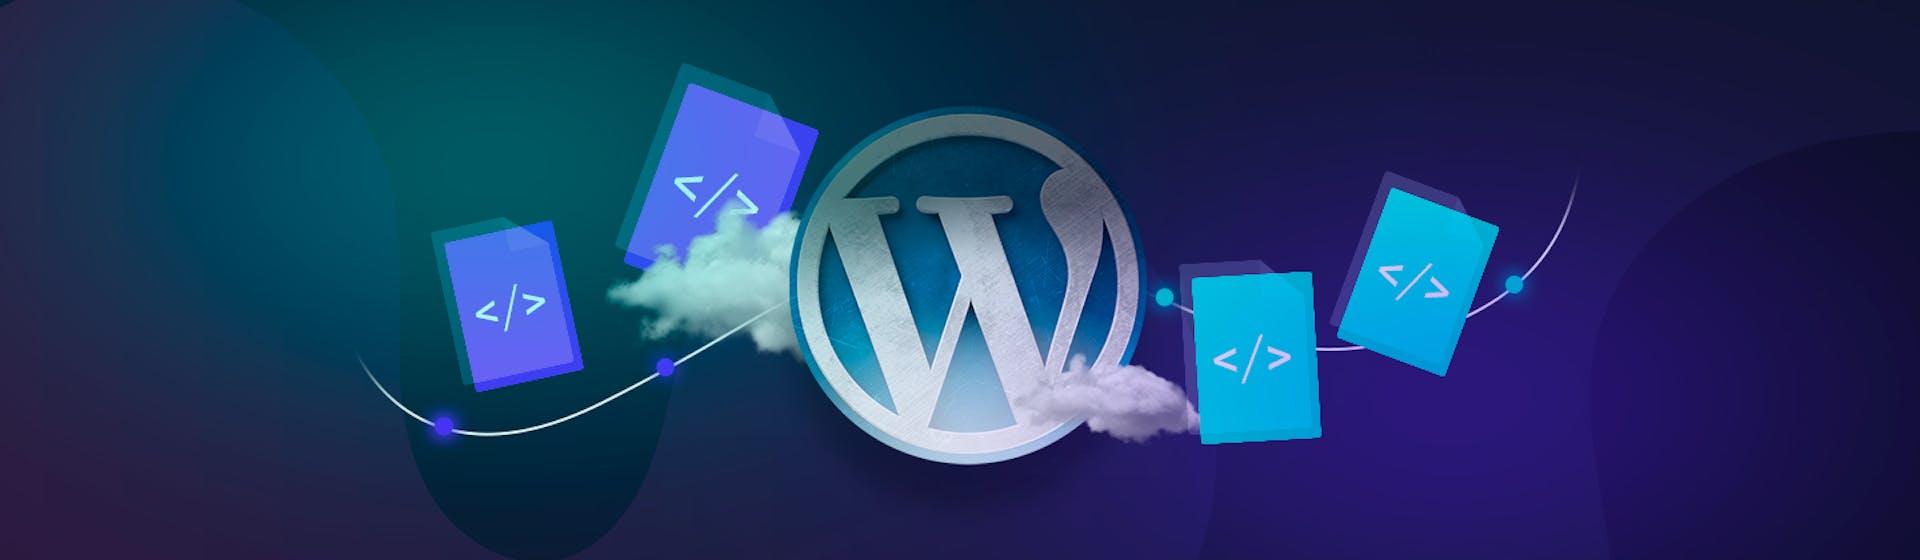 ¿Cómo migrar WordPress a otro dominio en tan solo 4 pasos y sin esfuerzo?